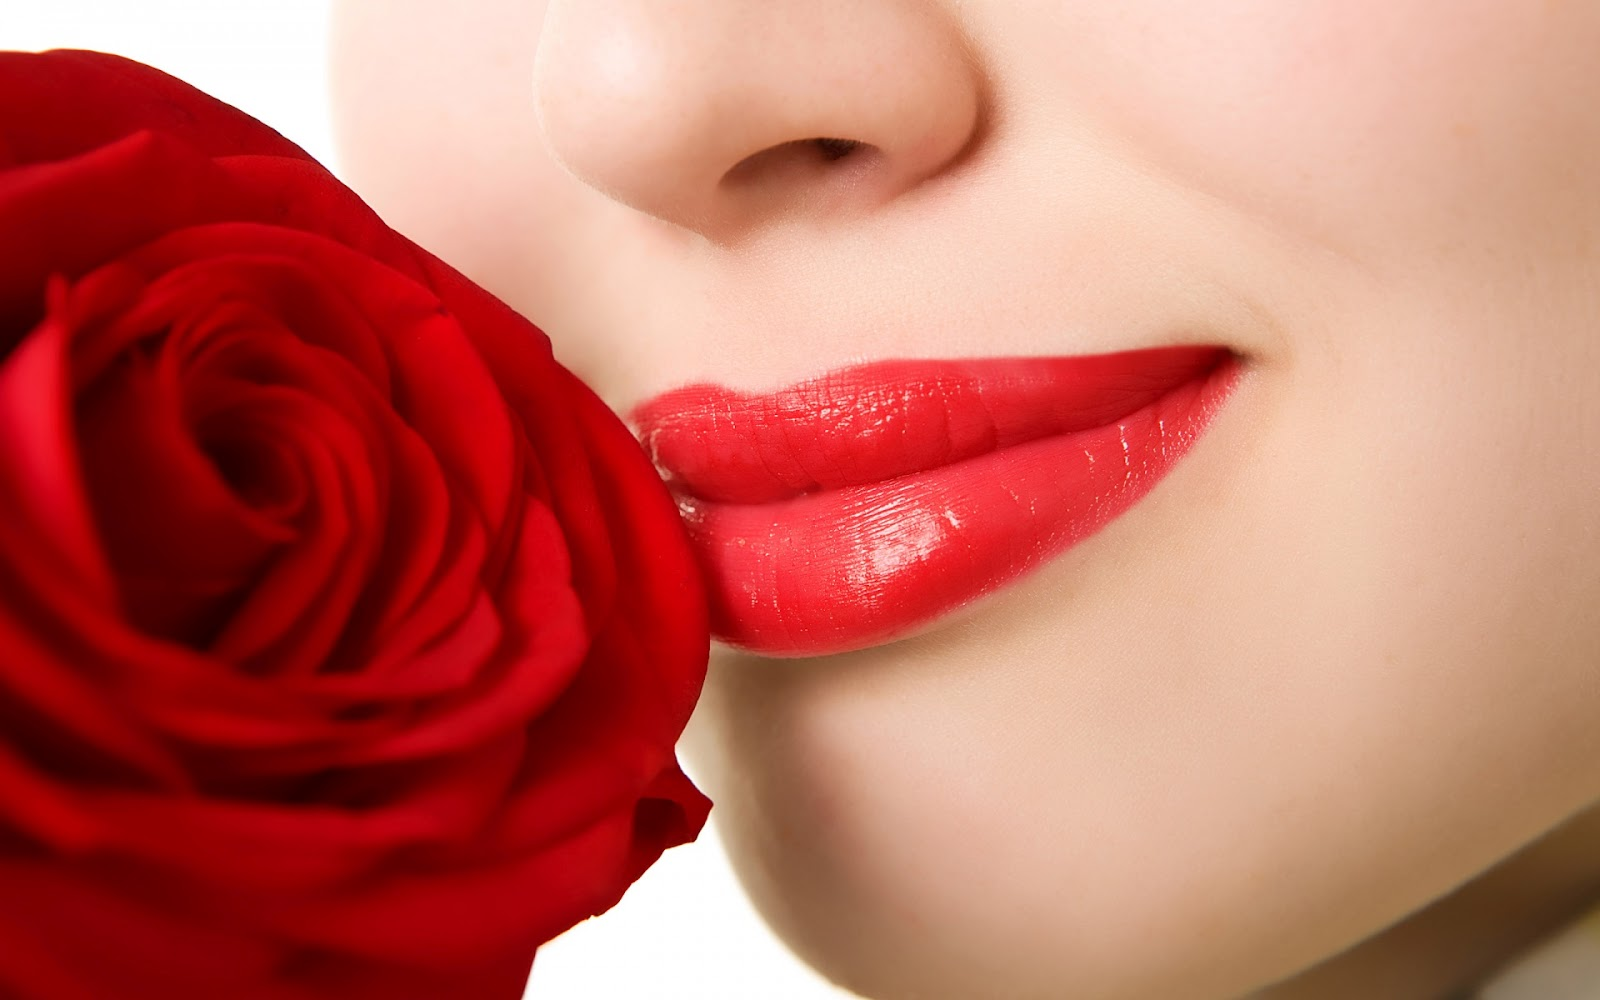 http://2.bp.blogspot.com/-52ssqEVDZ-I/T8wrAPo2DzI/AAAAAAAAAP4/mK-ij2-9fiM/s1600/red_rose_near_red_lips-1920x1200.jpg